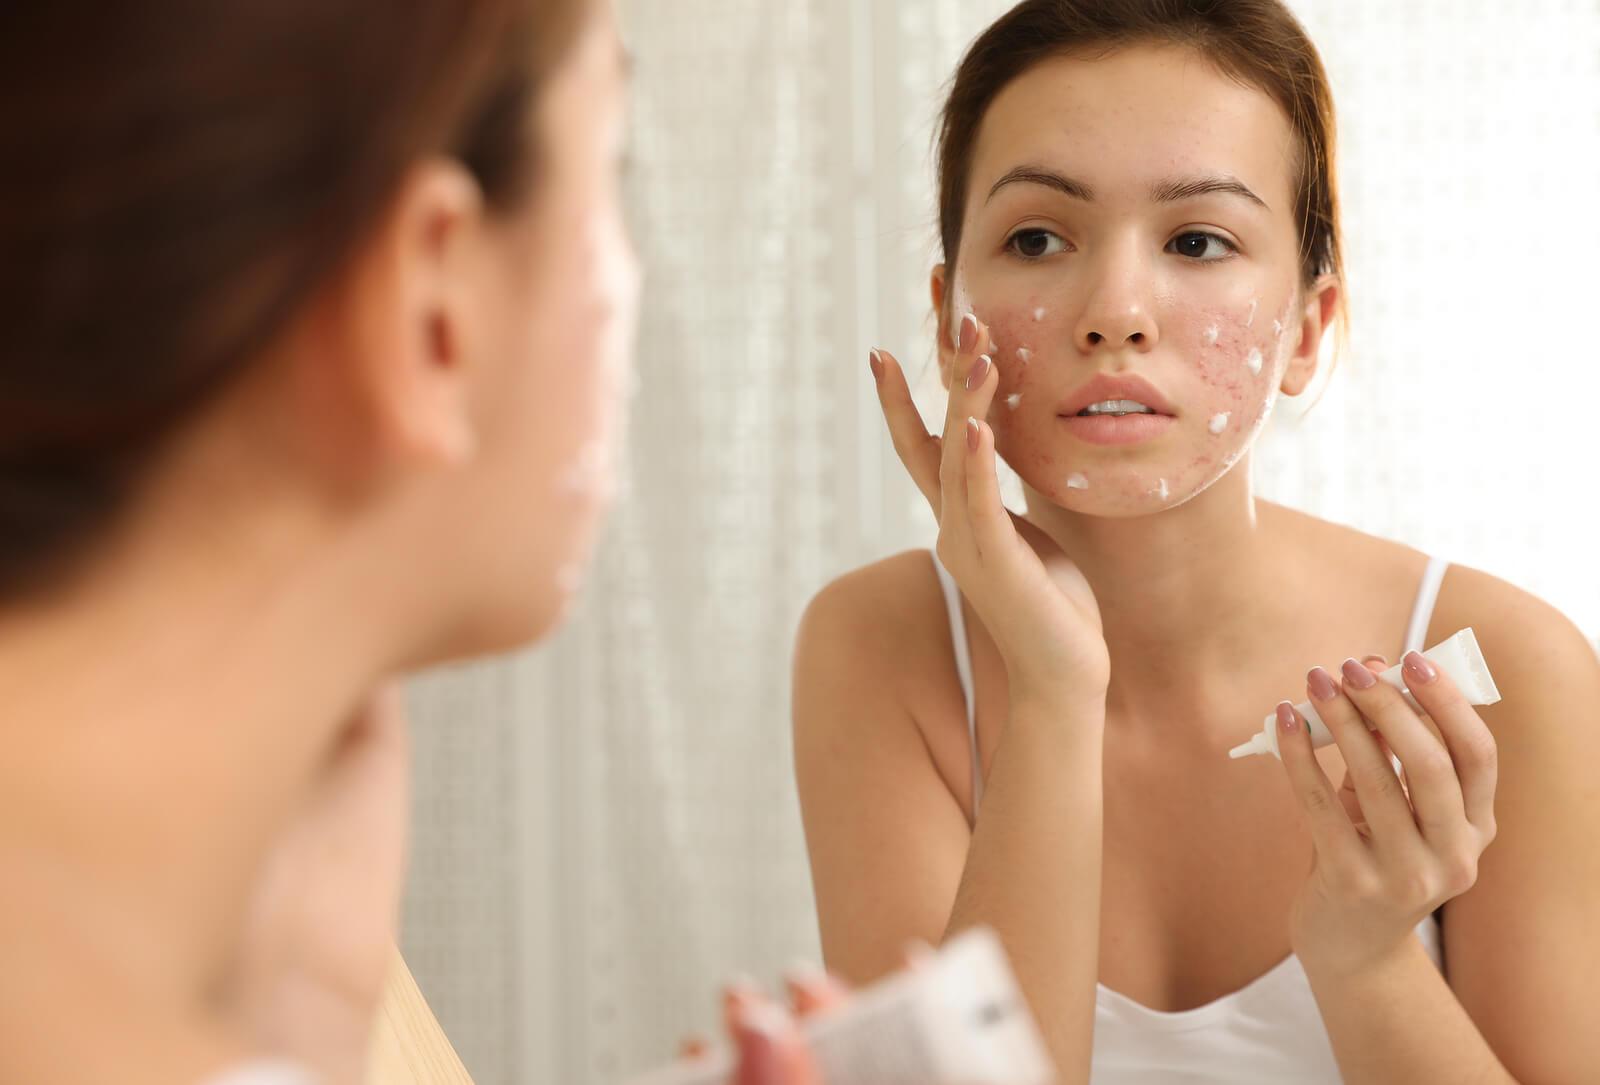 Chica adolescente usando un tratamiento para el acné juvenil.